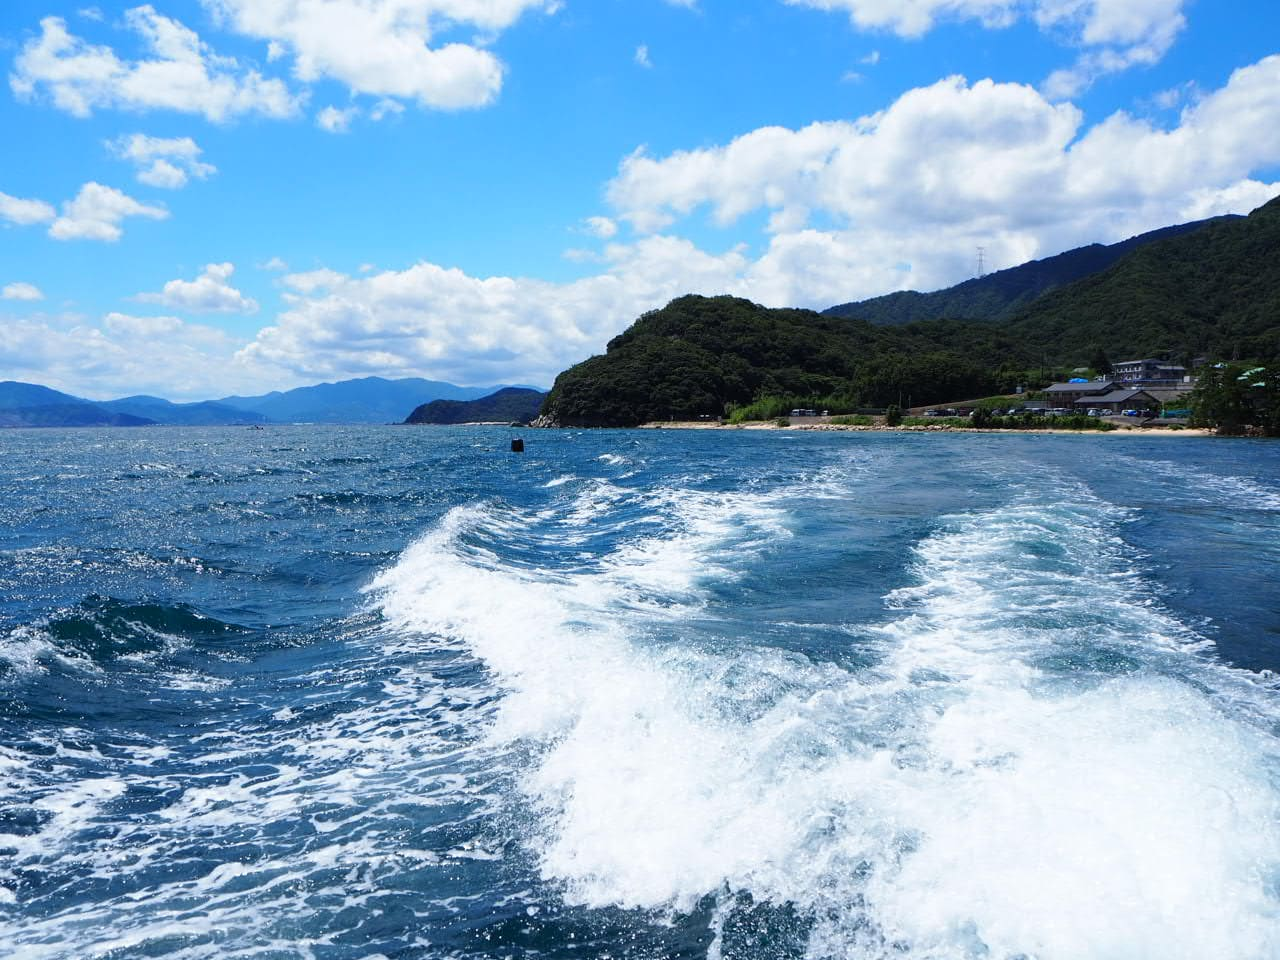 水島に向かう船の上